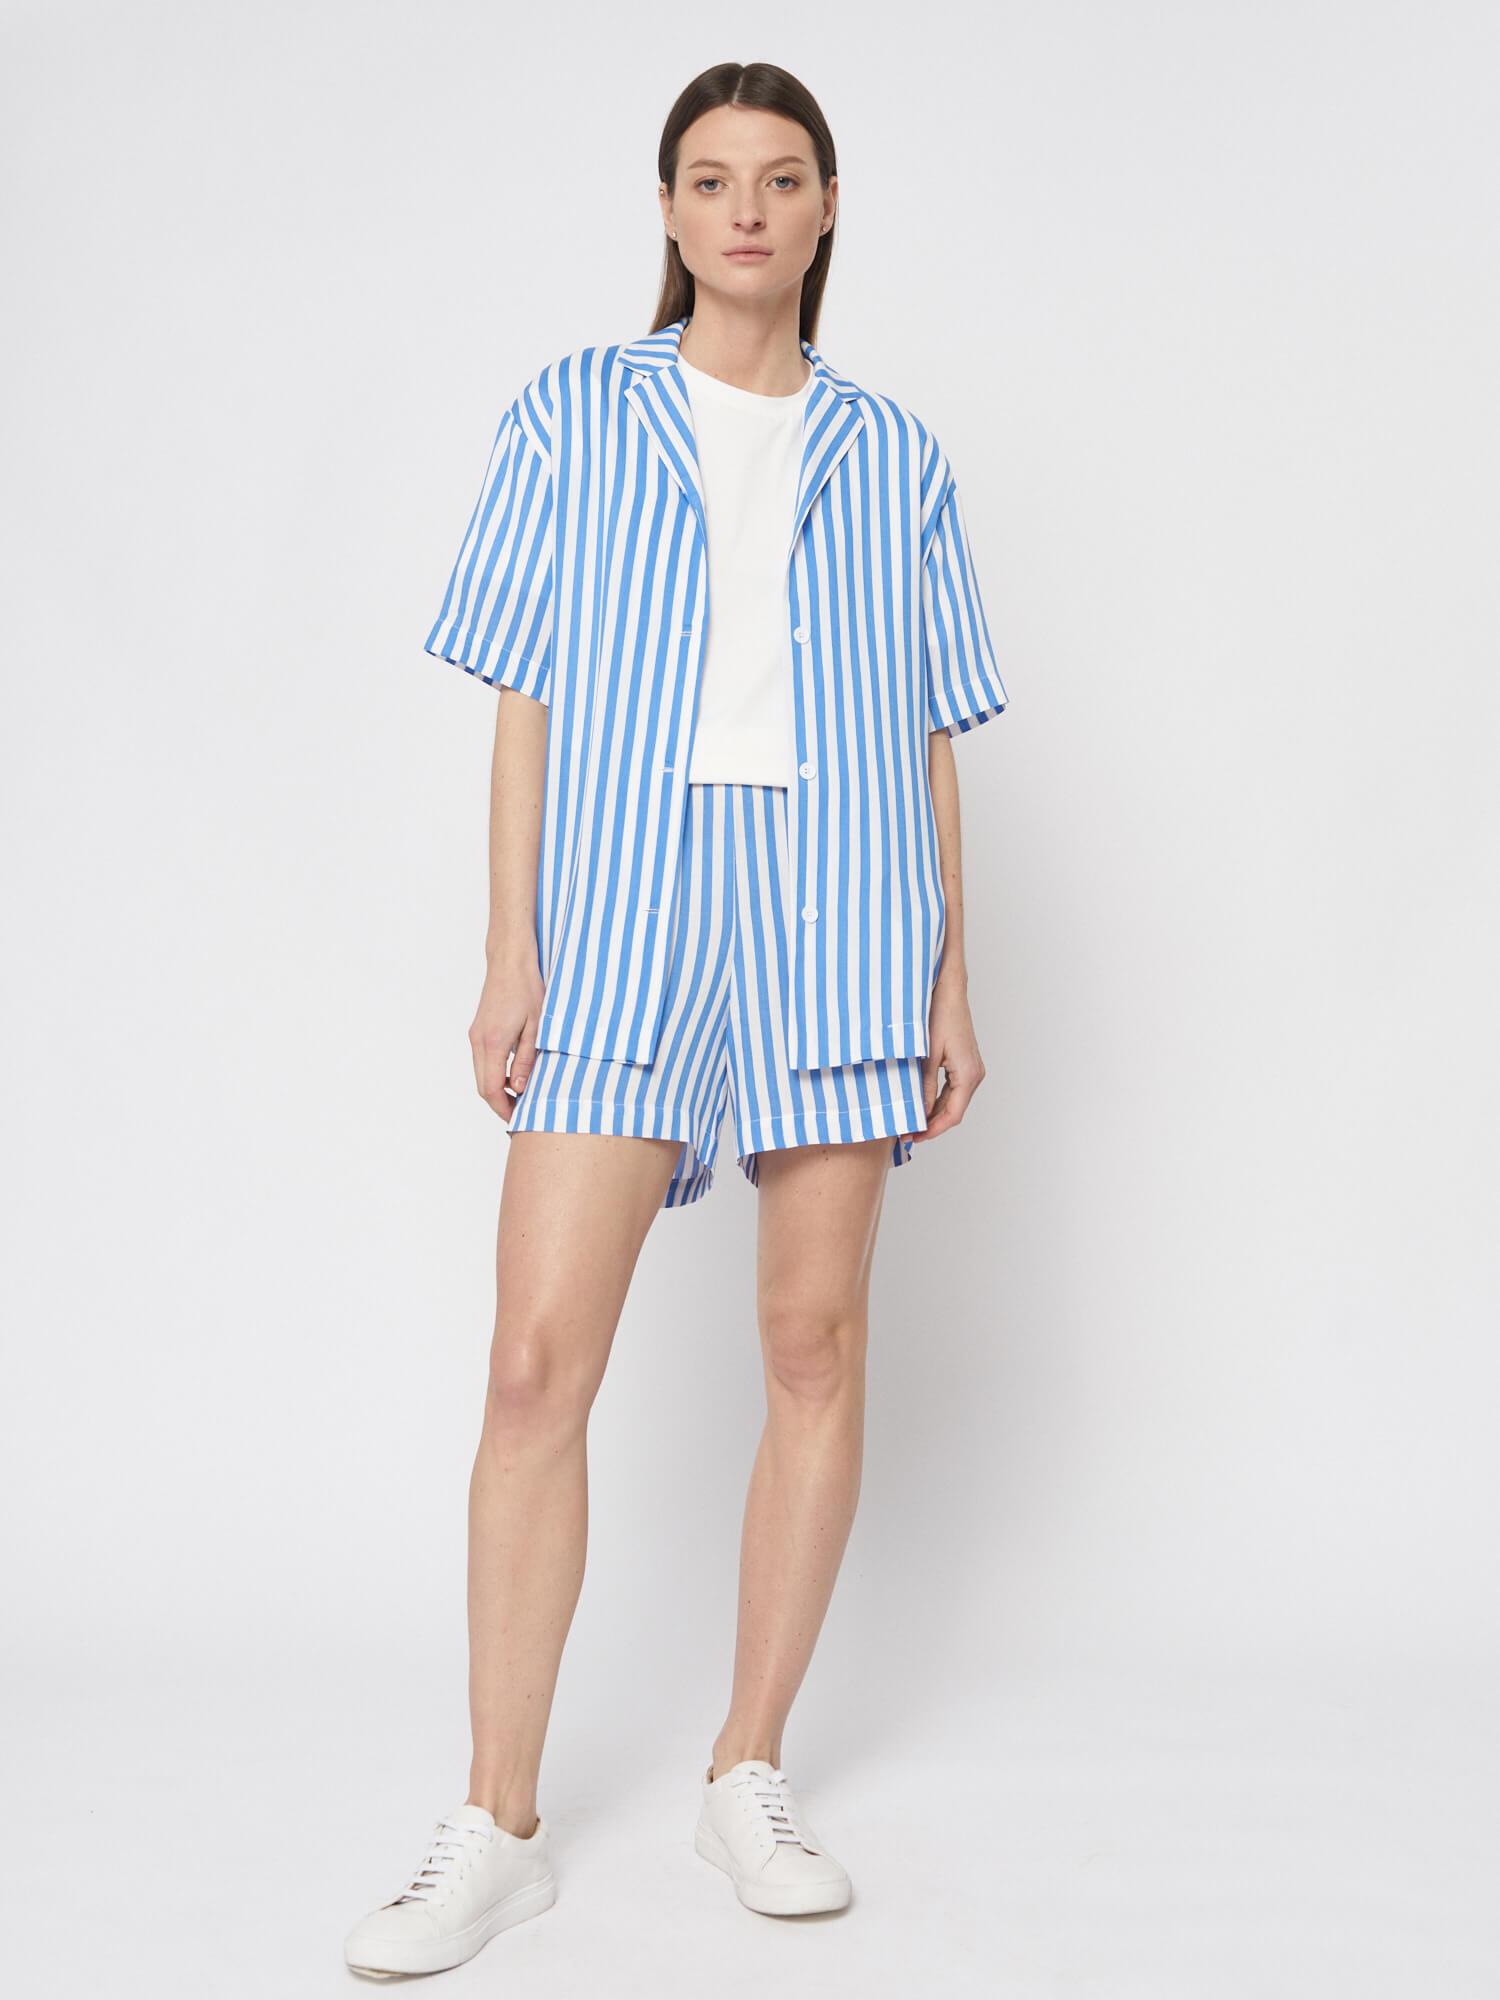 Мини–шорты в полоску Lexi в пижамном стиле